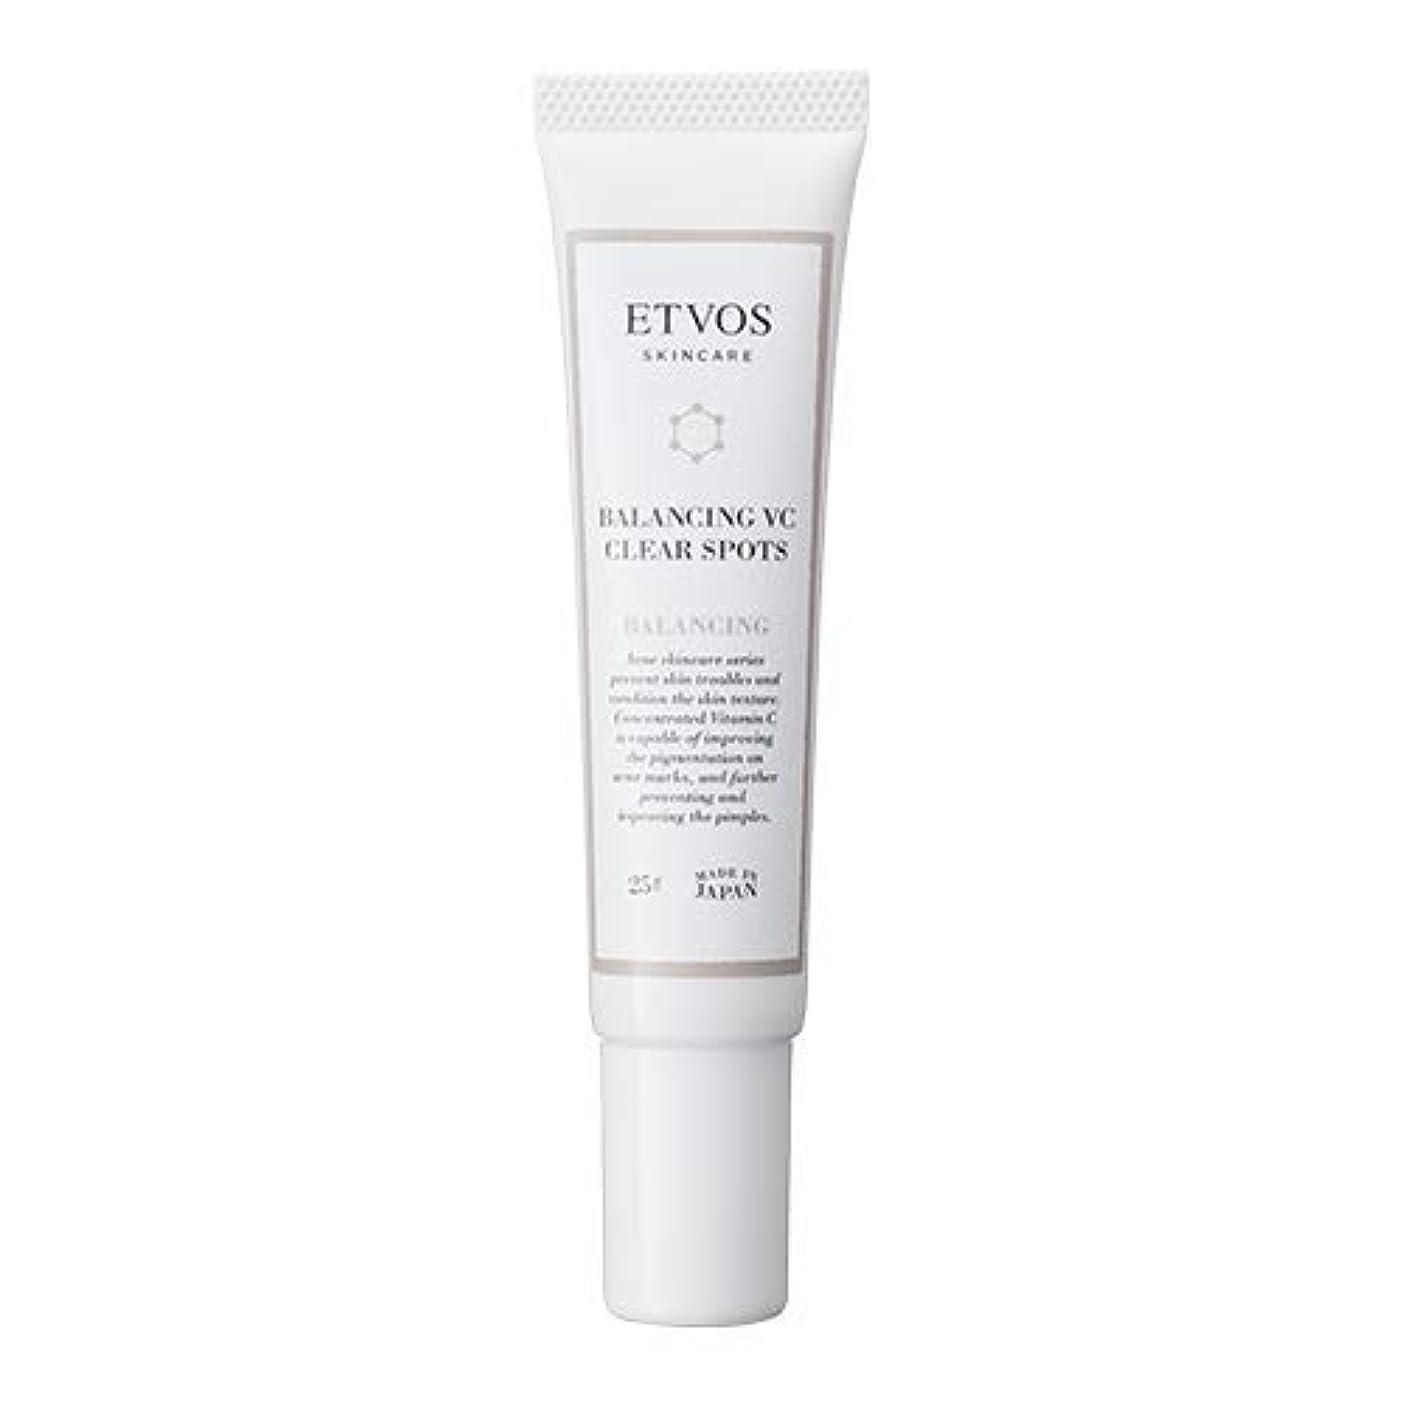 デザイナー今後フルーティーETVOS(エトヴォス) 肌荒れ防止美容液 バランシングVCクリアスポッツ 25g アゼライン酸 おでこ/あご/頭皮